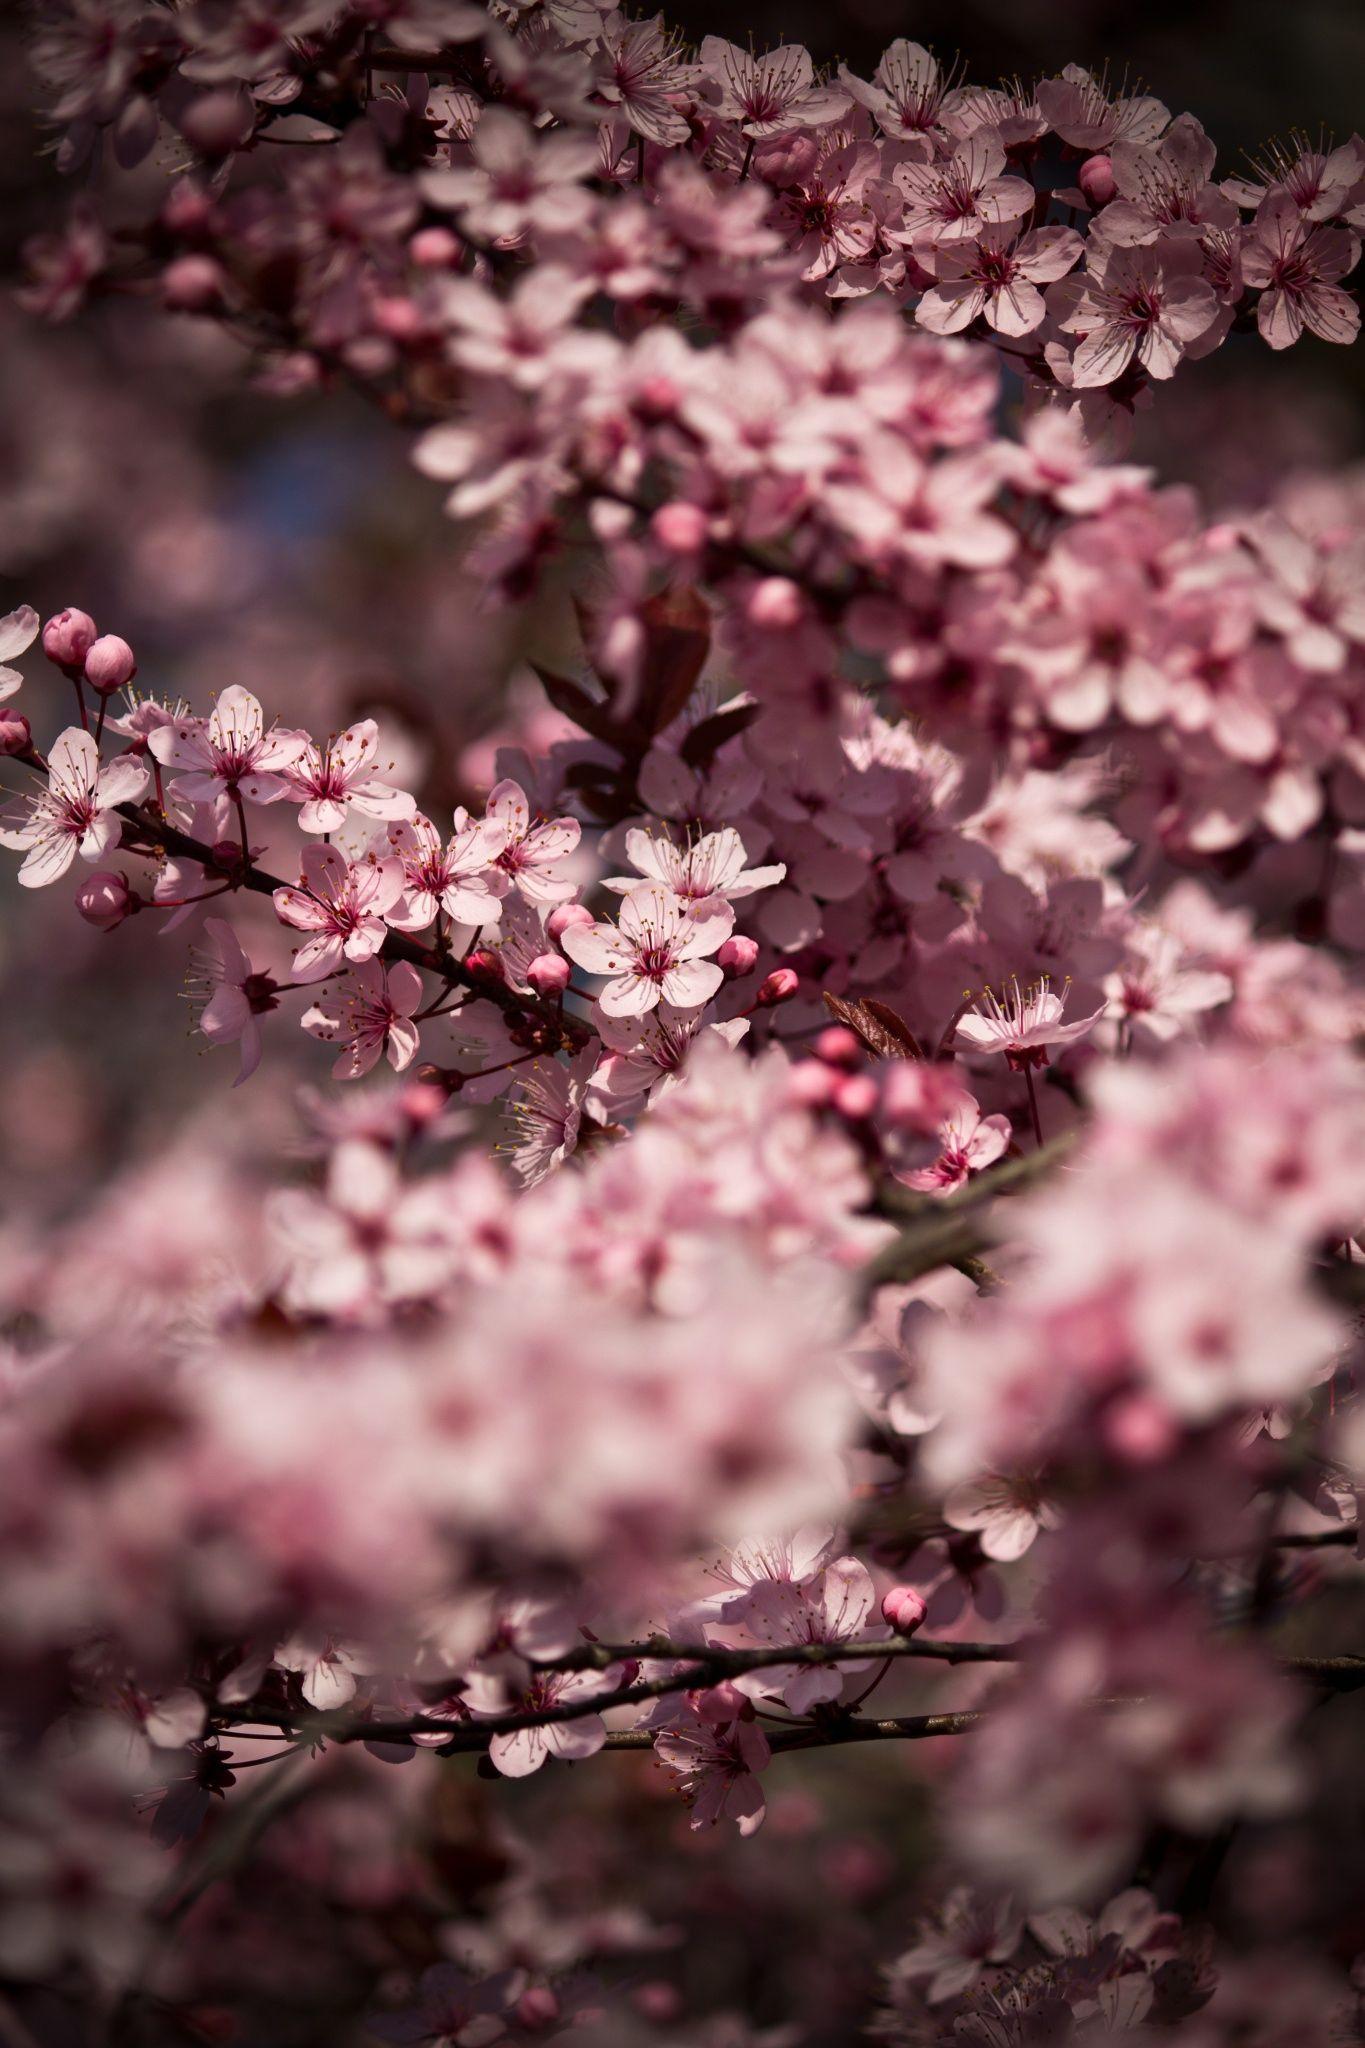 Cherry Blossom Blossom Cherry Blossom Tree Plum Blossom